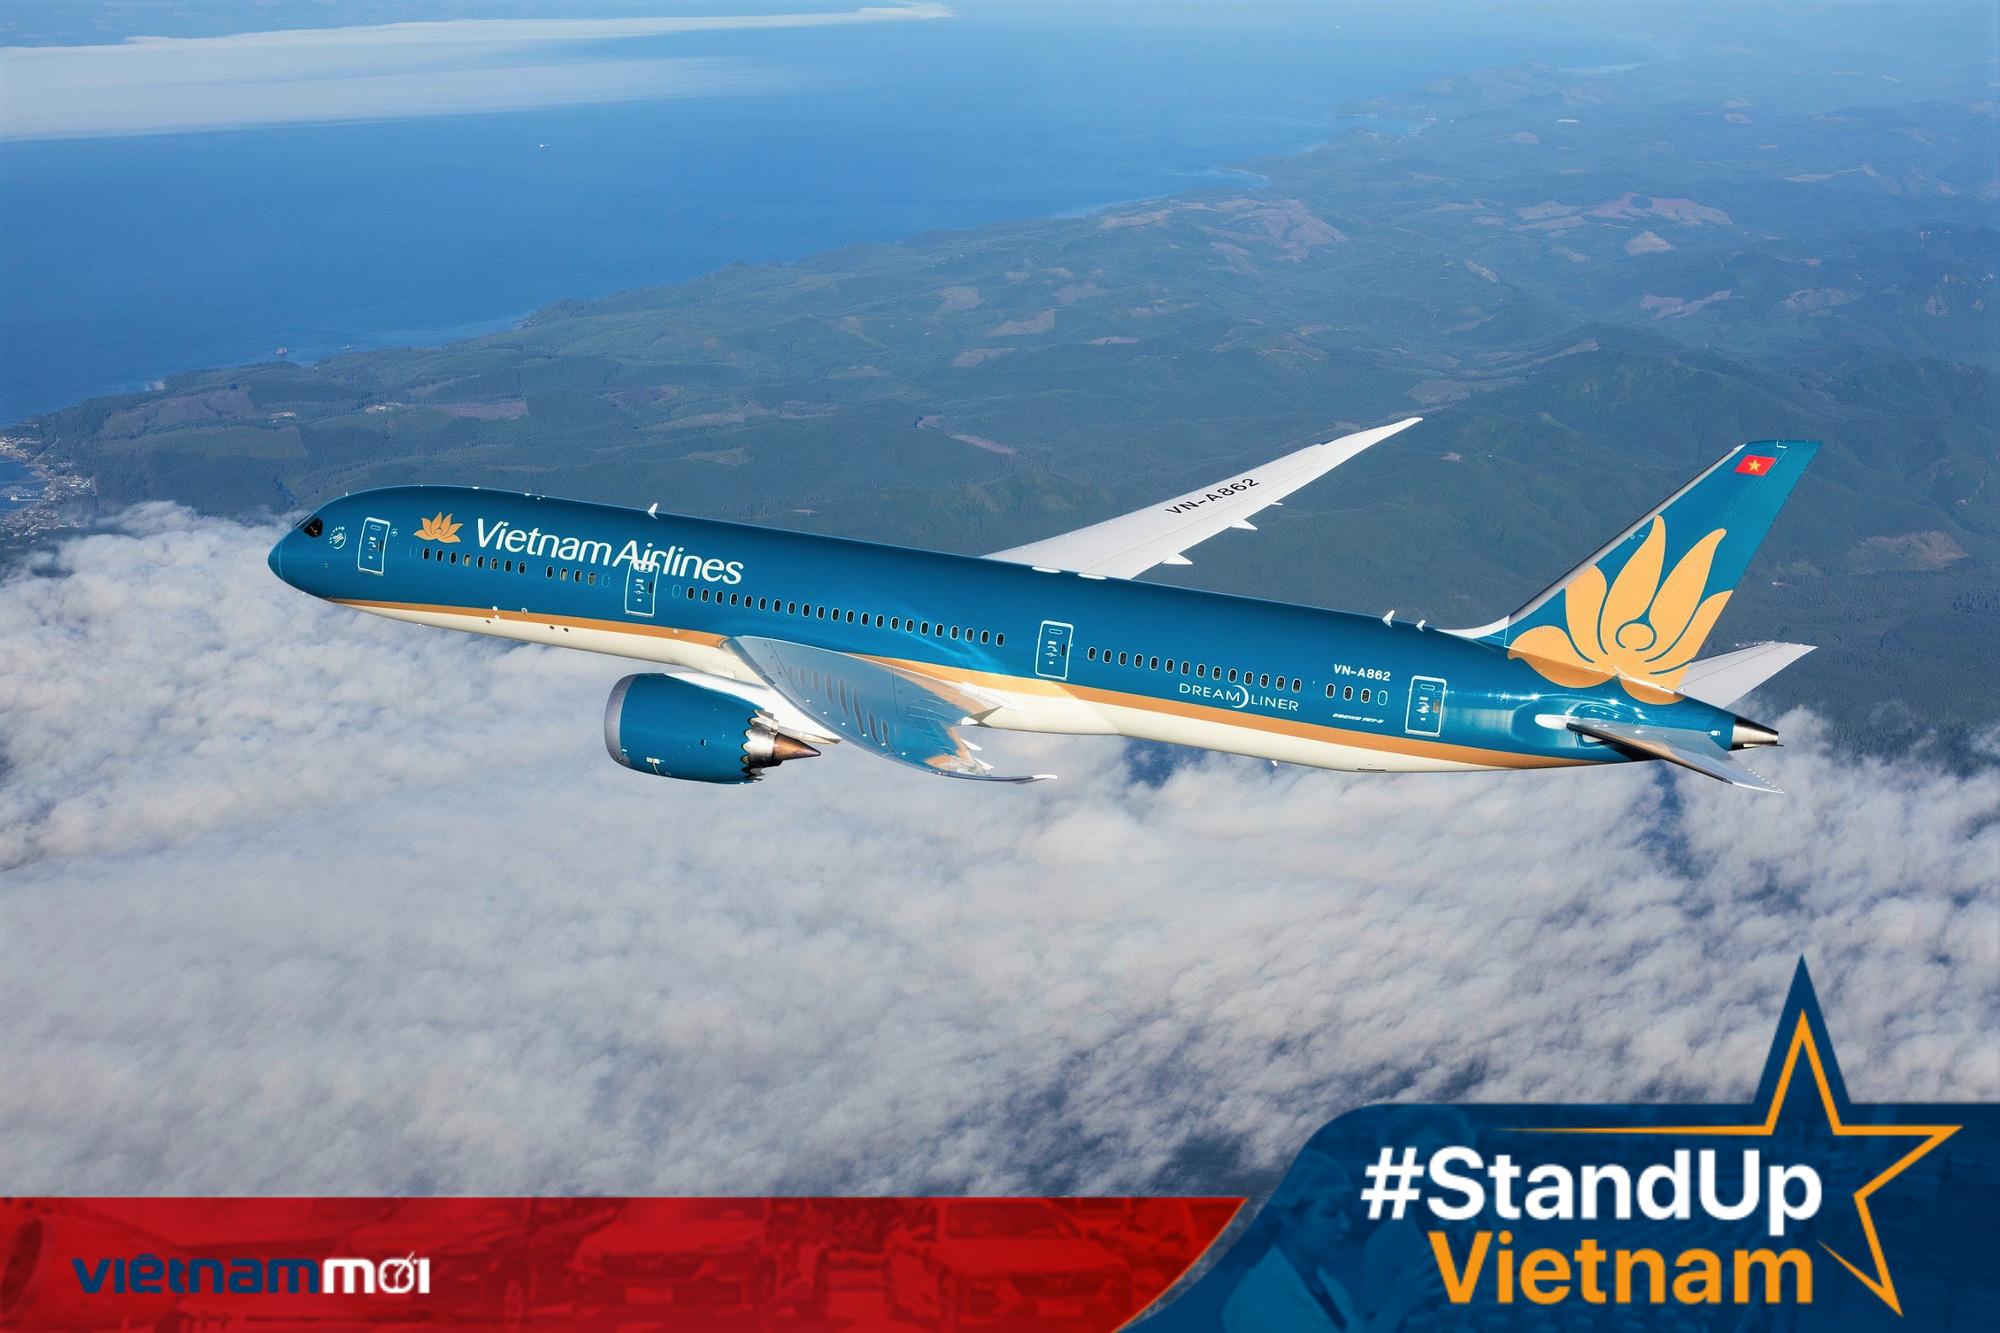 Vietnam Airlines mở thêm 5 đường bay nội địa mới với giá vé chỉ từ 99 nghìn đồng